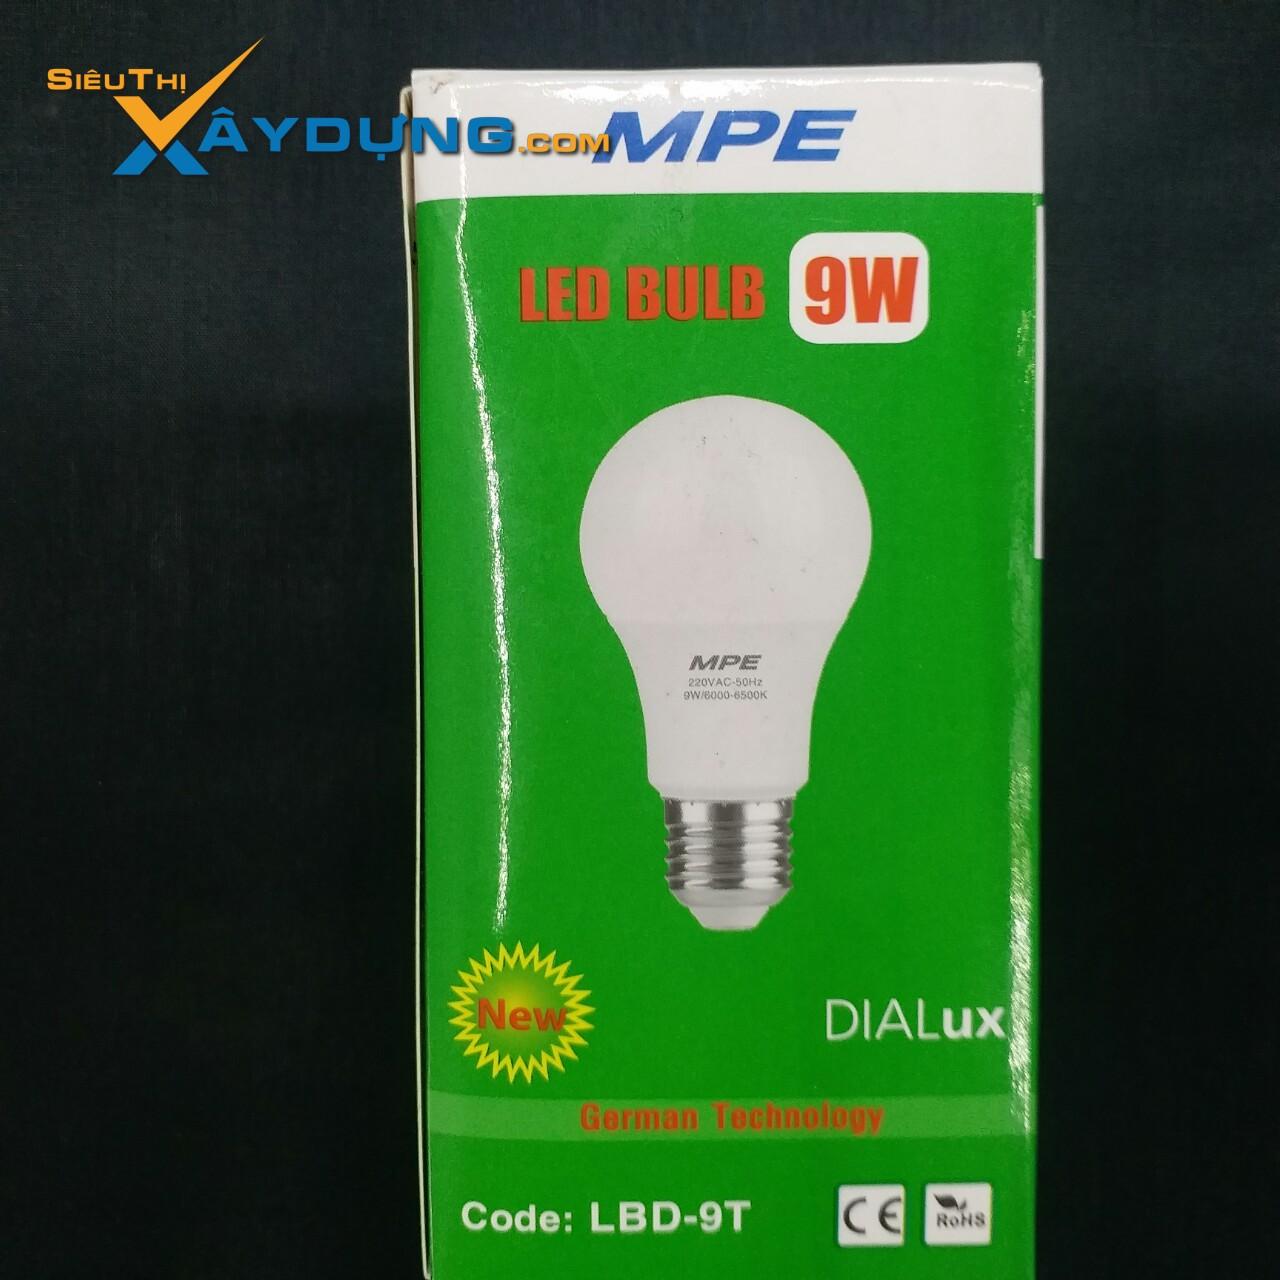 Đèn led bulb 9w ánh sáng trắng LBD-9T Mpe, đui đèn E27, điện áp 100-240VAC, thân nhựa MPE